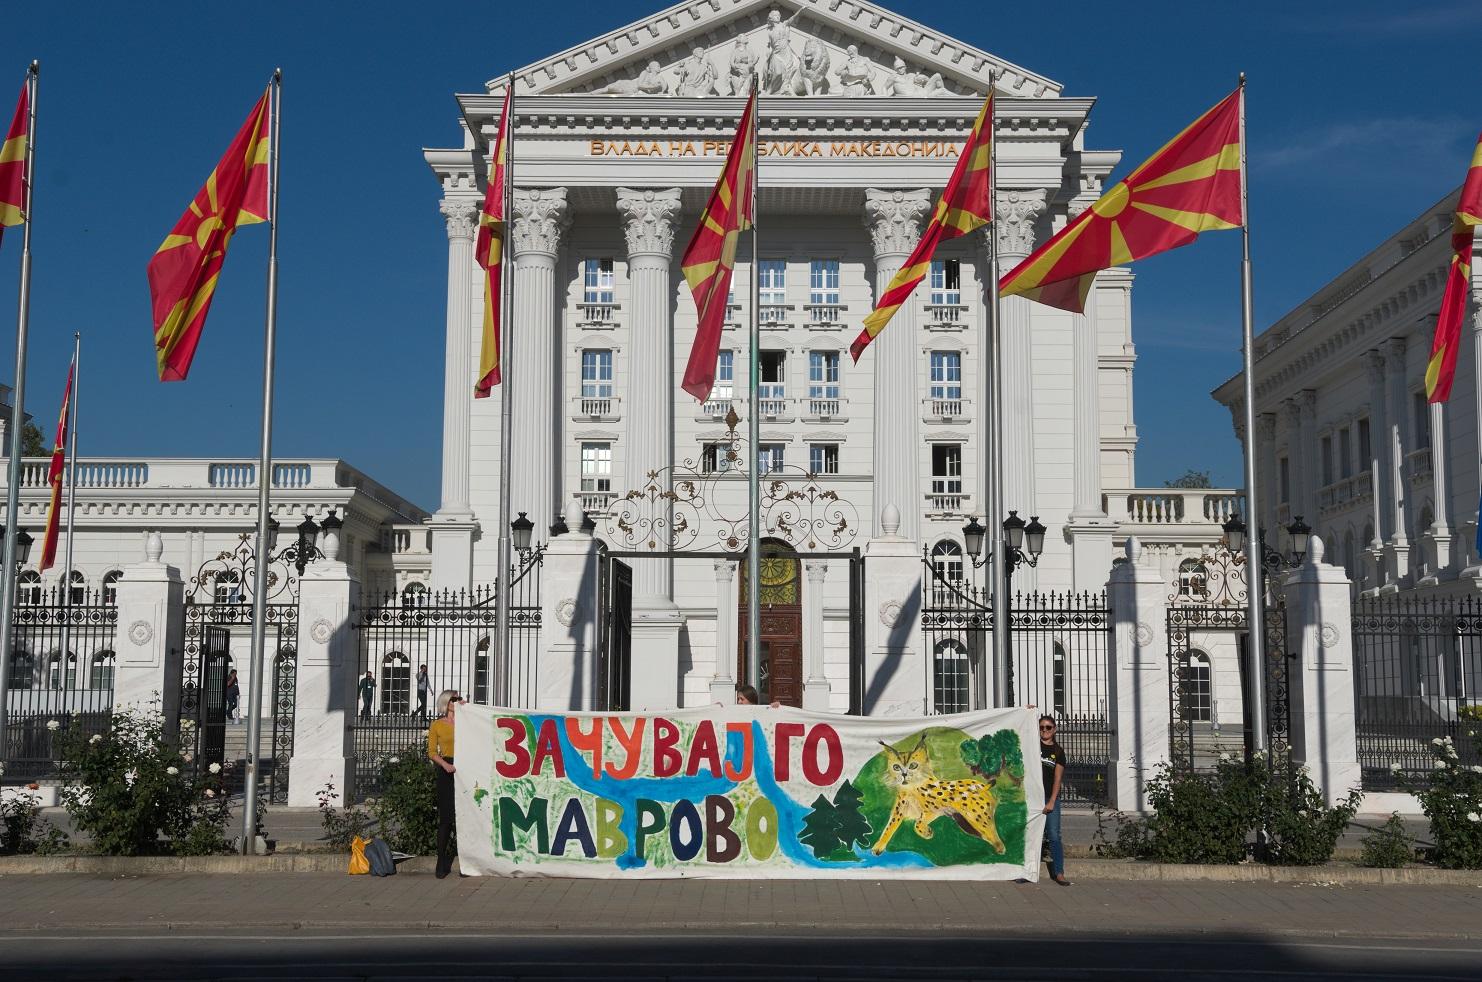 Protestaktion in Skopje zum Schutz des Mavrovo NP © Eko-svest